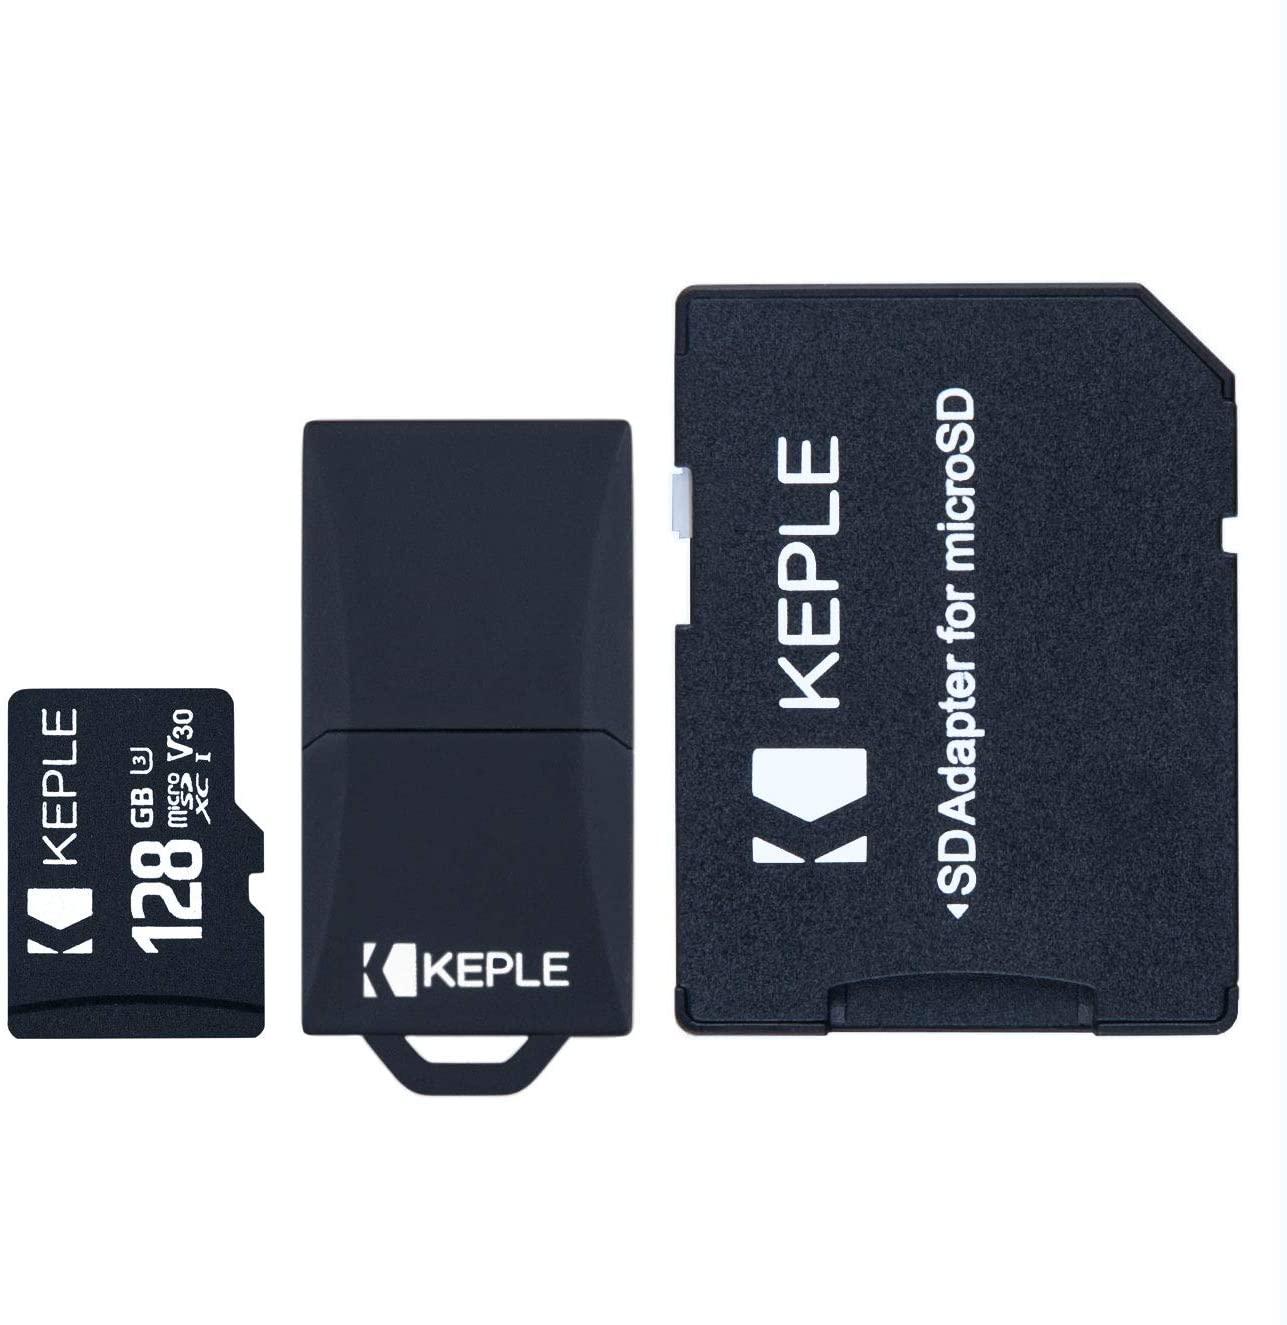 128GB microSD Memory Card Micro SD for Lenovo Tab 4, 10 Plus, 8 Plus, 7 Essential, Moto Tab/Acer Iconia One 10 B3-A20 / Huawei MediaPad T3 Tablet (10.1) Tablet   128 GB UHS-1 U1 High Speed Class 10